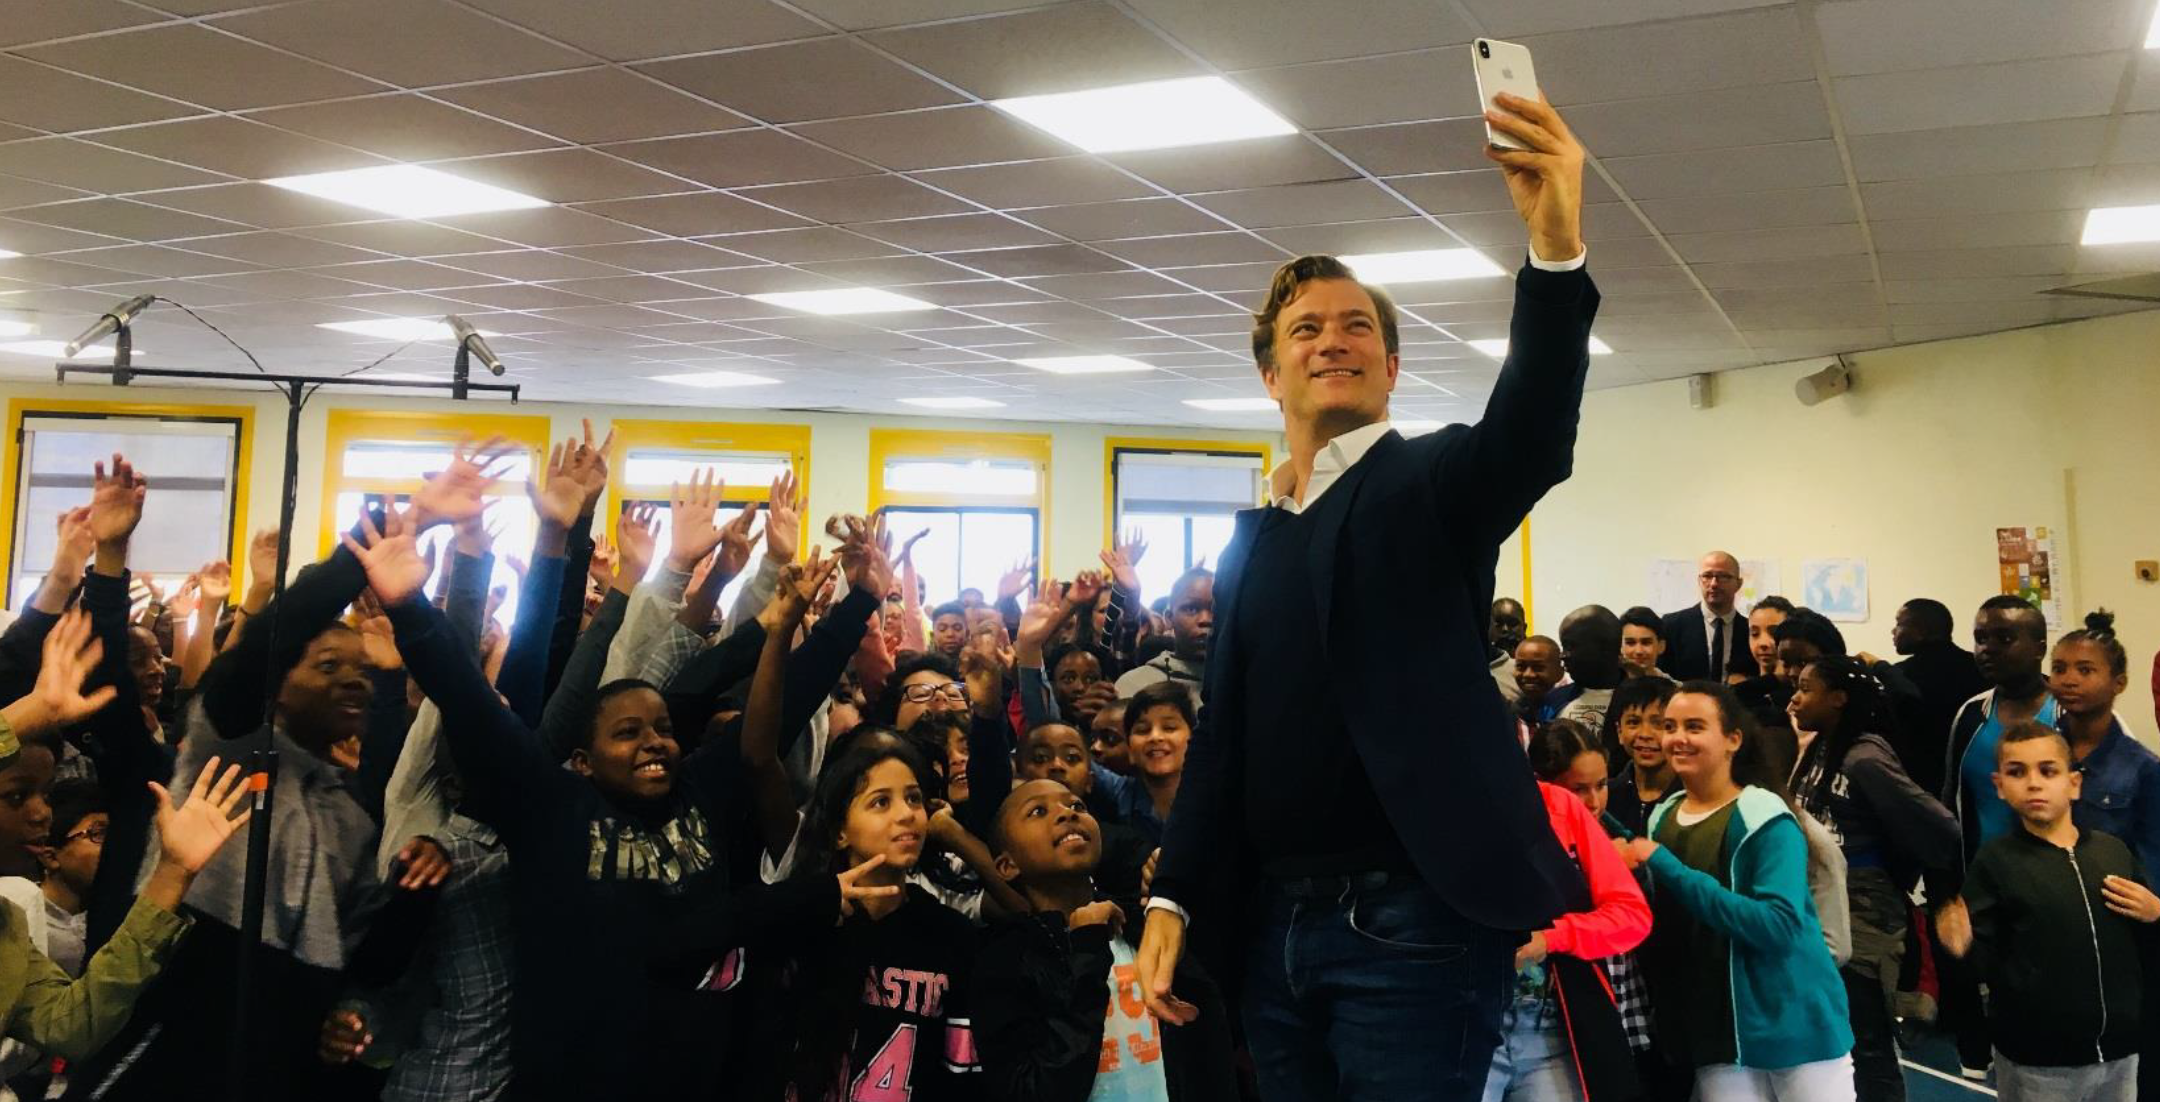 Renaud Capuçon et les enfants du collège Jean Vigo à Epinay-sur-Seine à la rentrée © Radio Classique